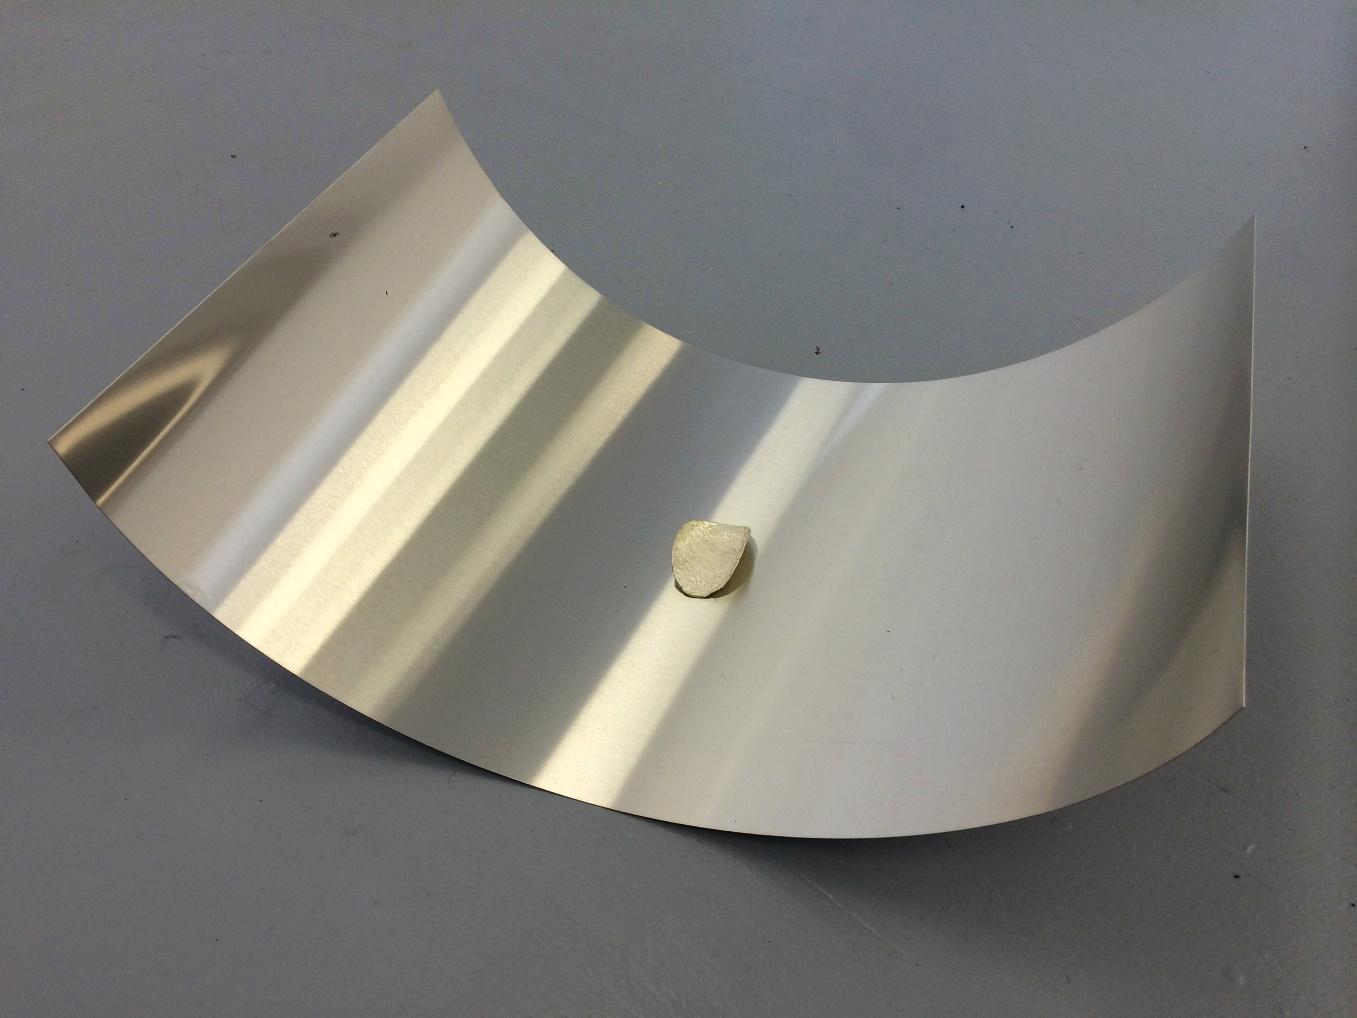 이다슬, Silver chip on aluminium sheet (Same financial cost), 2015, 은, 알루미늄